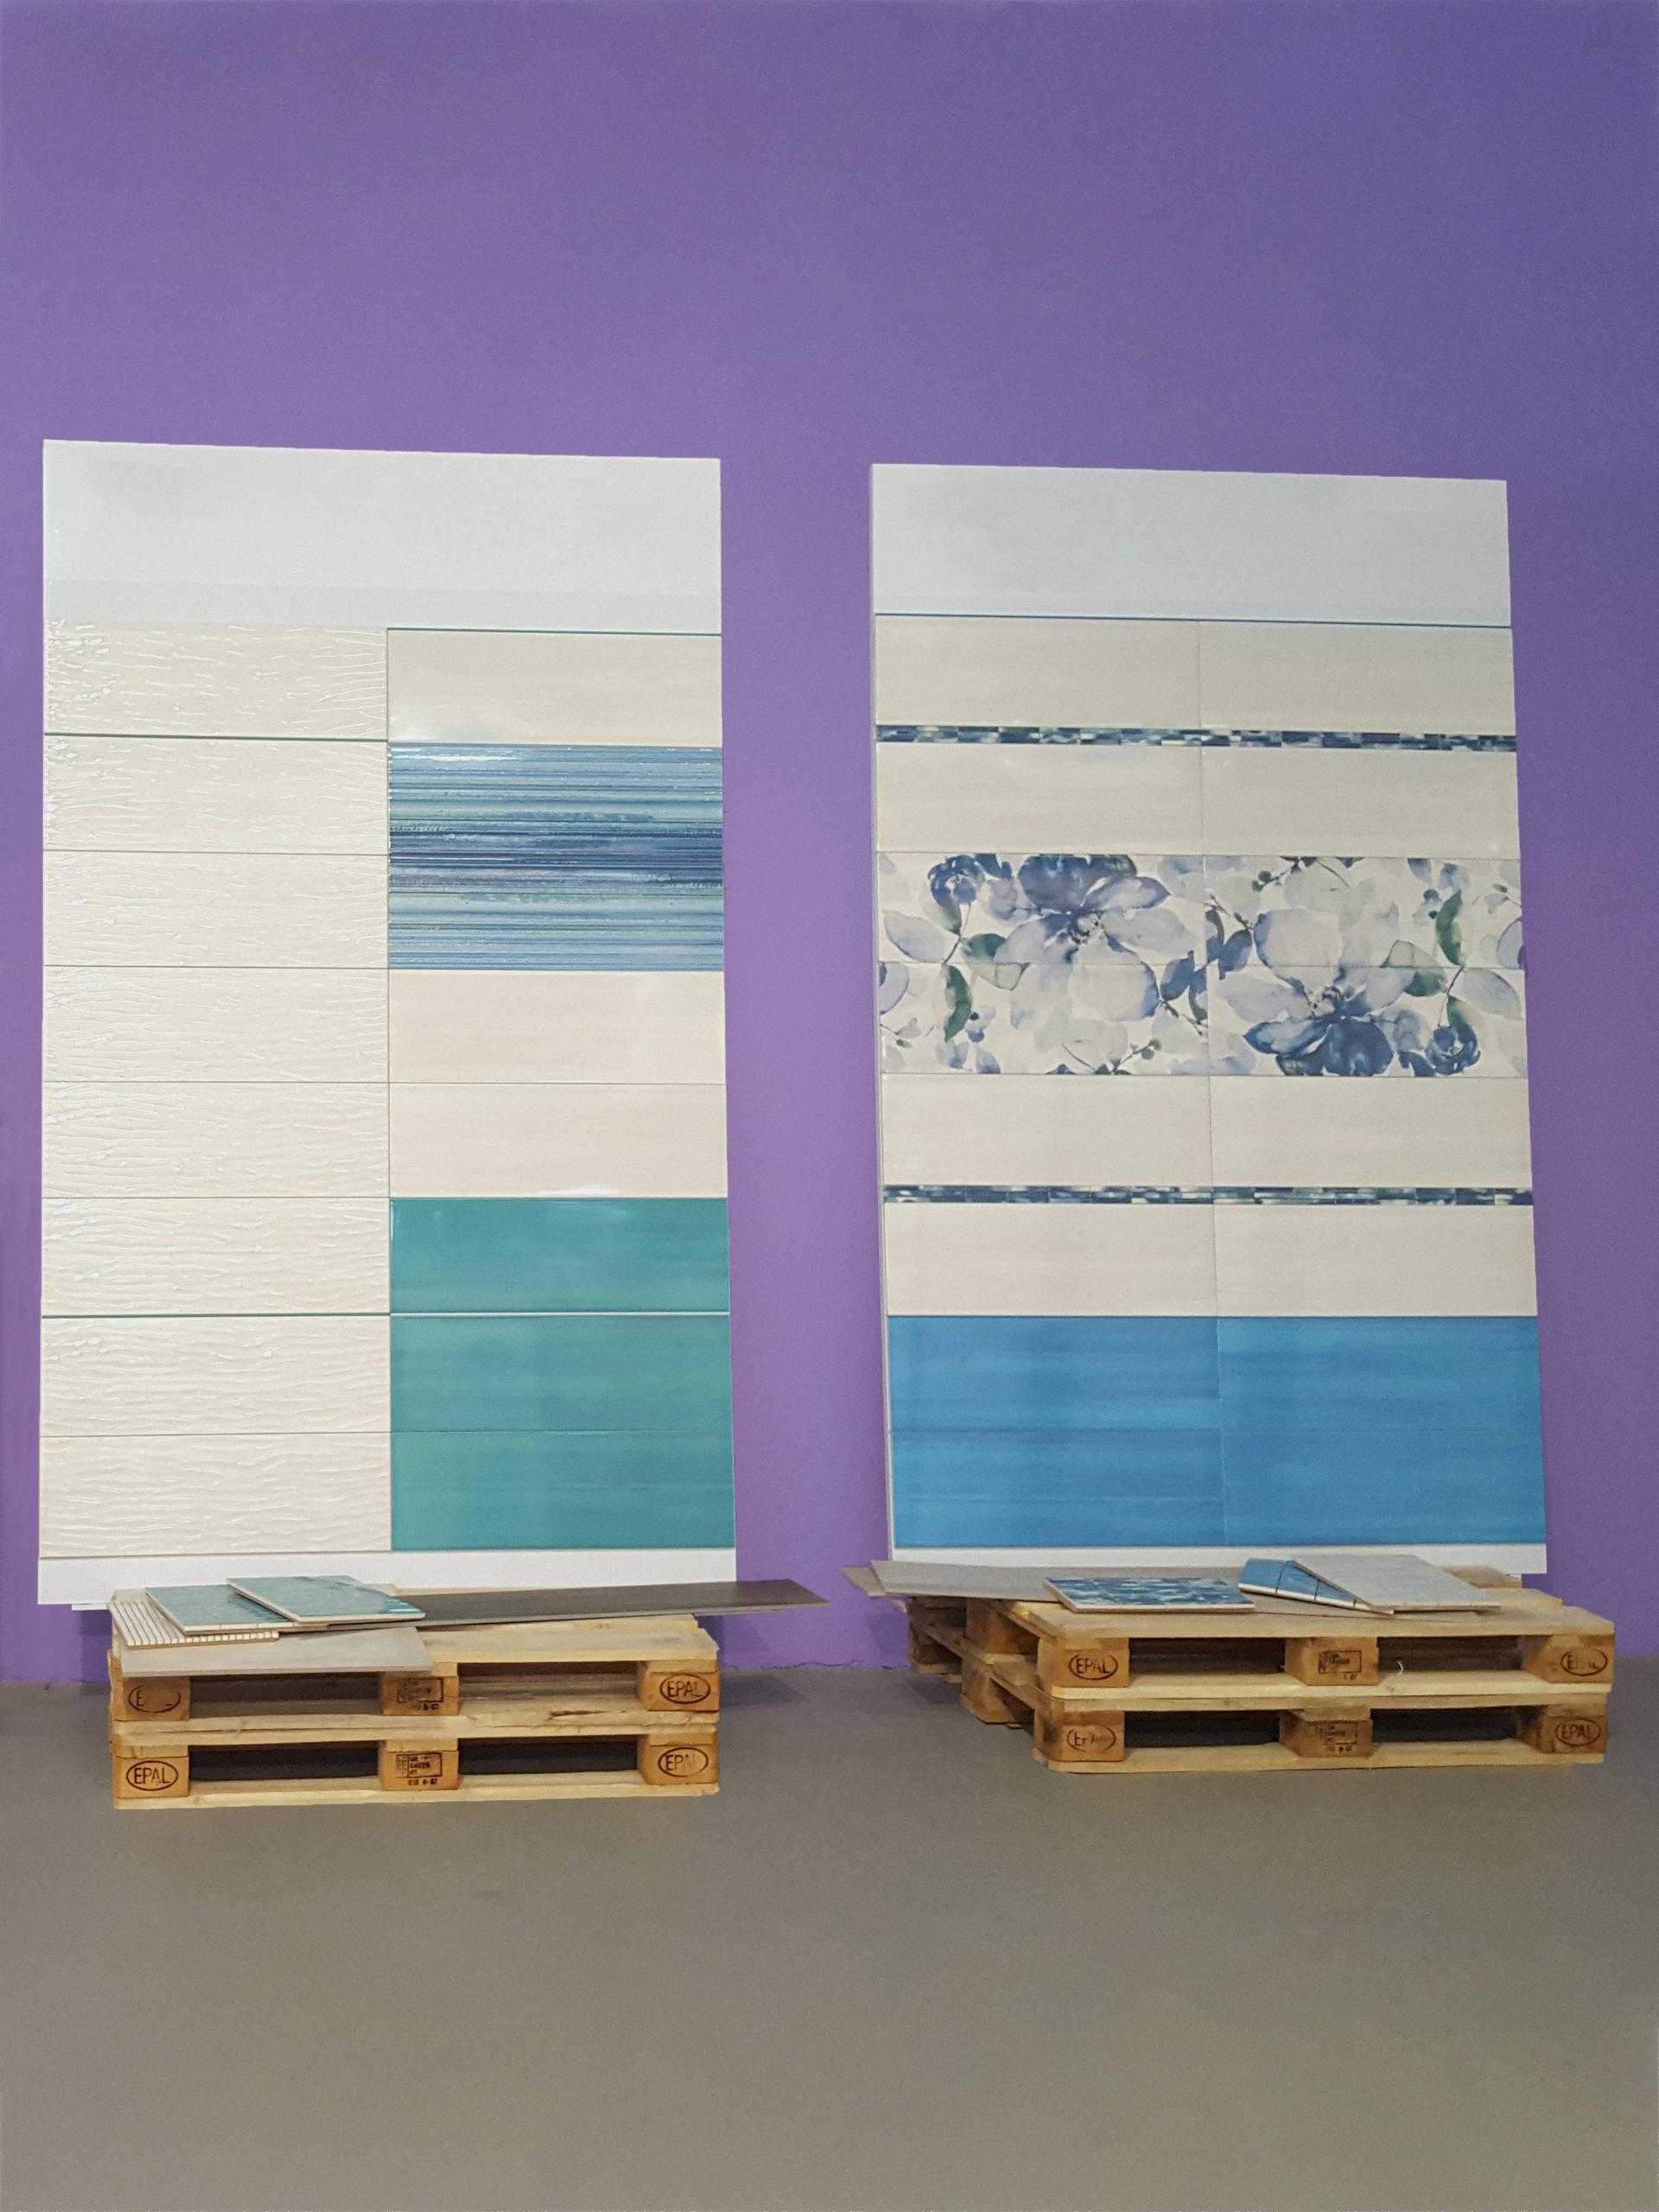 Pannelli sinottici di grande formato con posa ceramiche e stucco